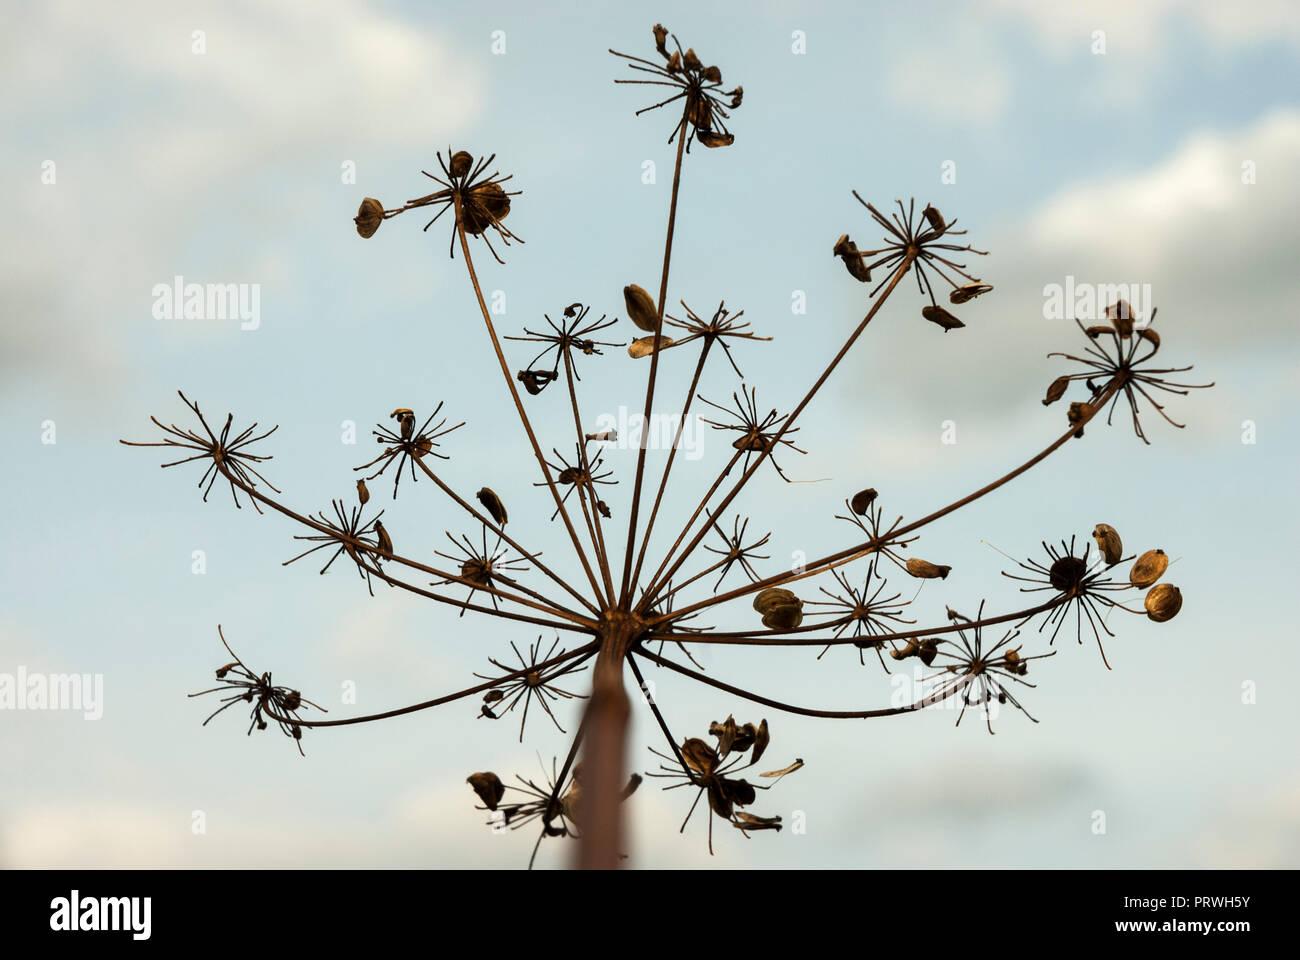 Pastinaca semi attaccato allo stelo di essiccato pastinaca fiori contro un pallido cielo blu. Immagini Stock